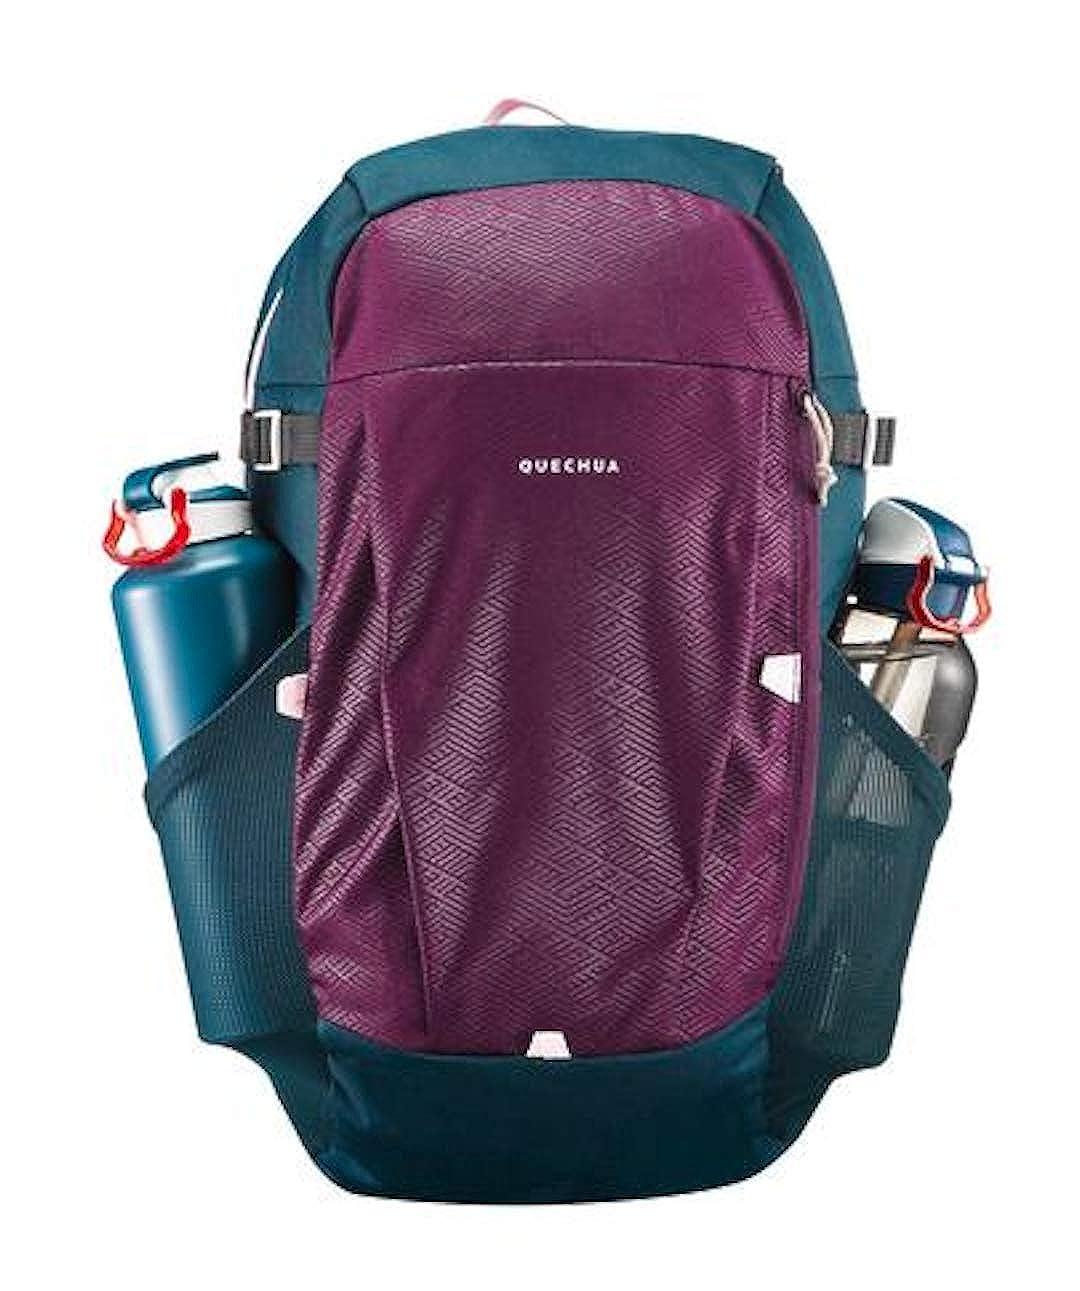 Amazon.com: New Comfort - Mochila (20 L, 2 bolsillos con ...